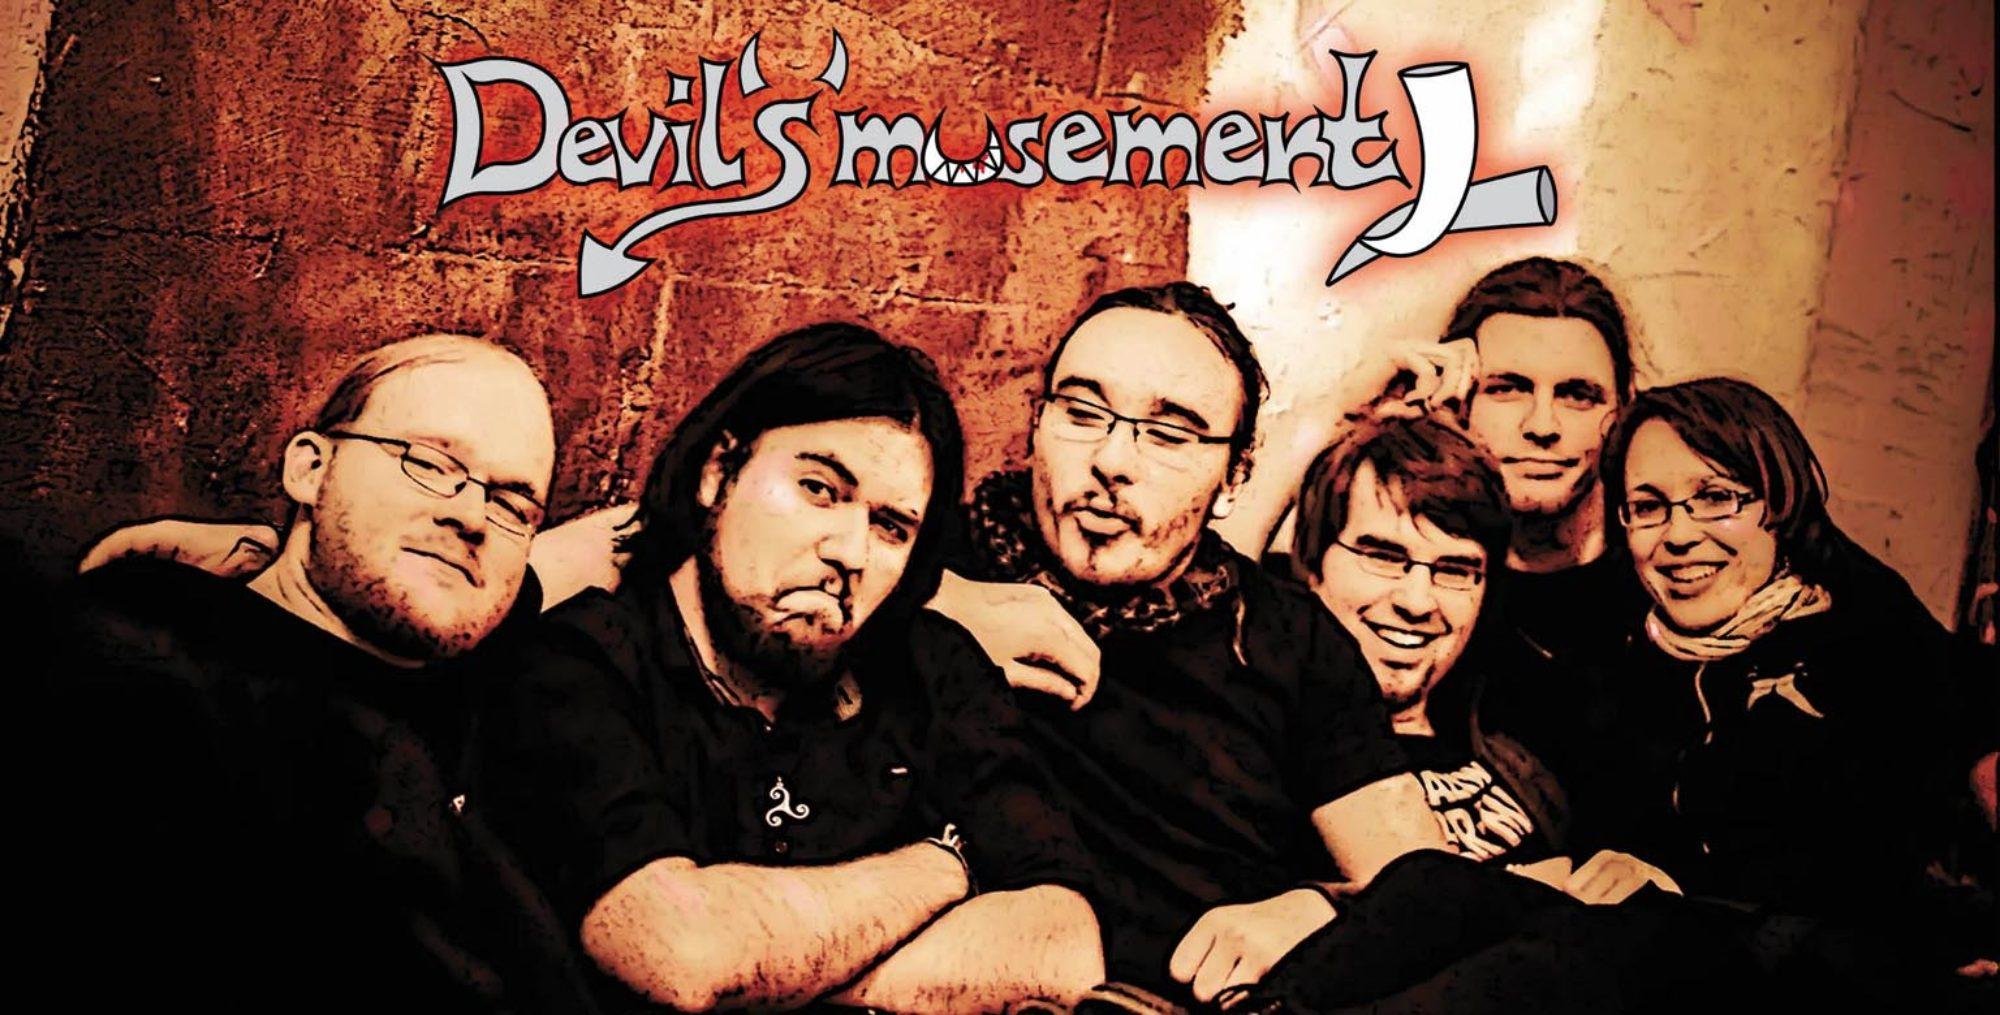 Devil's'musement